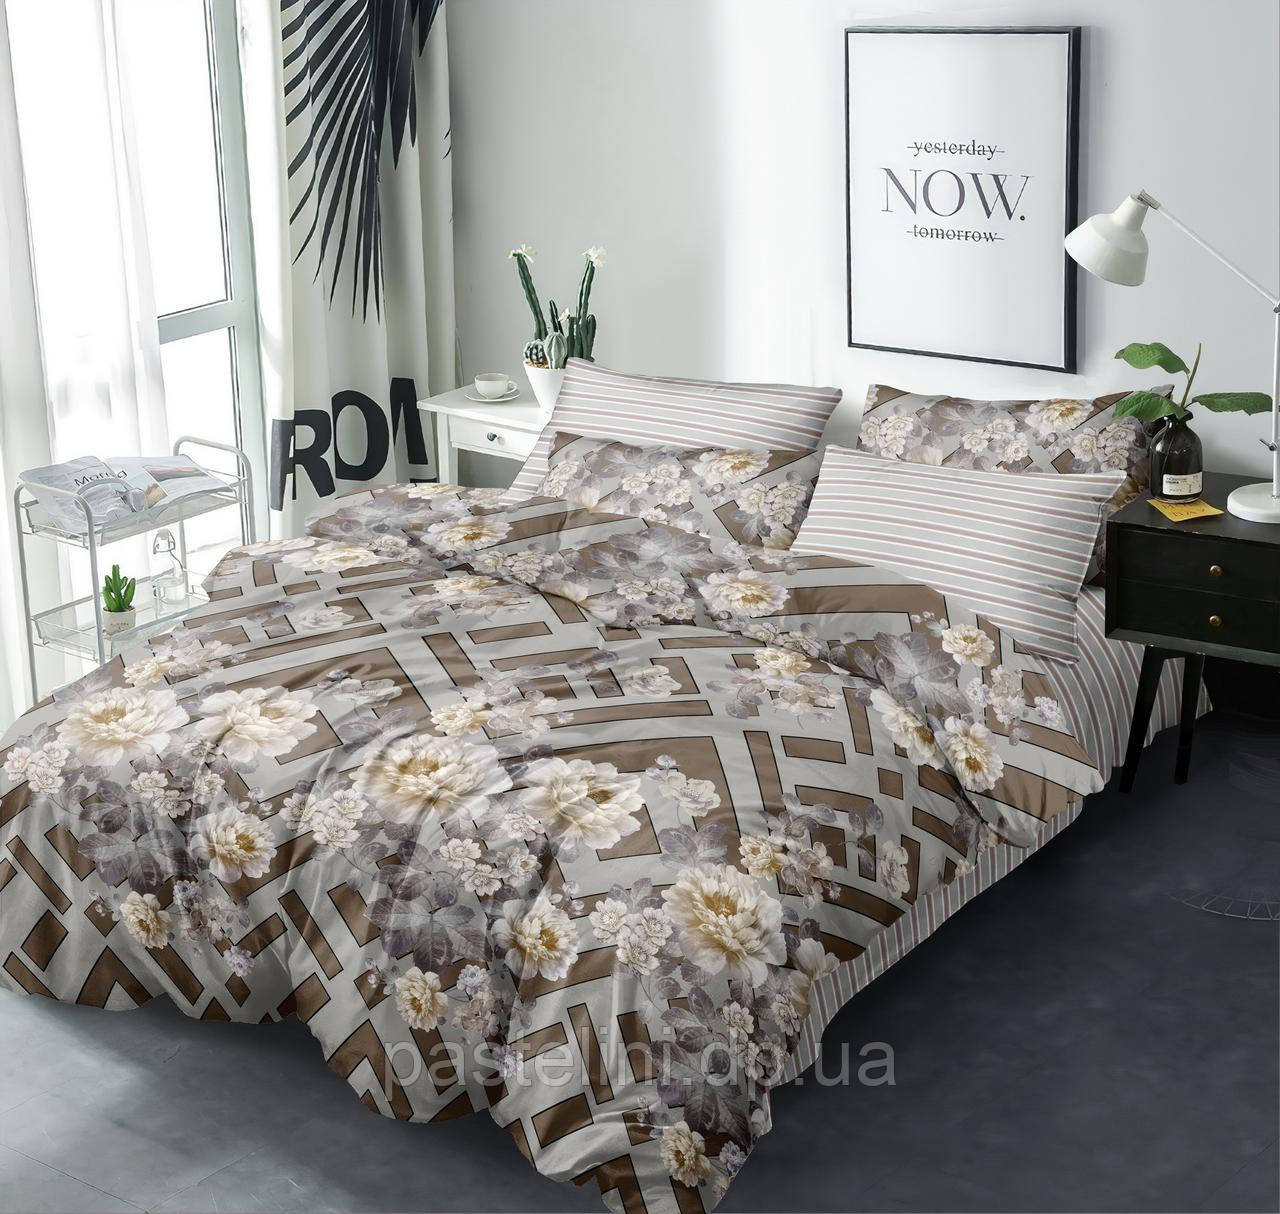 Комплект постельного белья Love you семейный поплин    203021